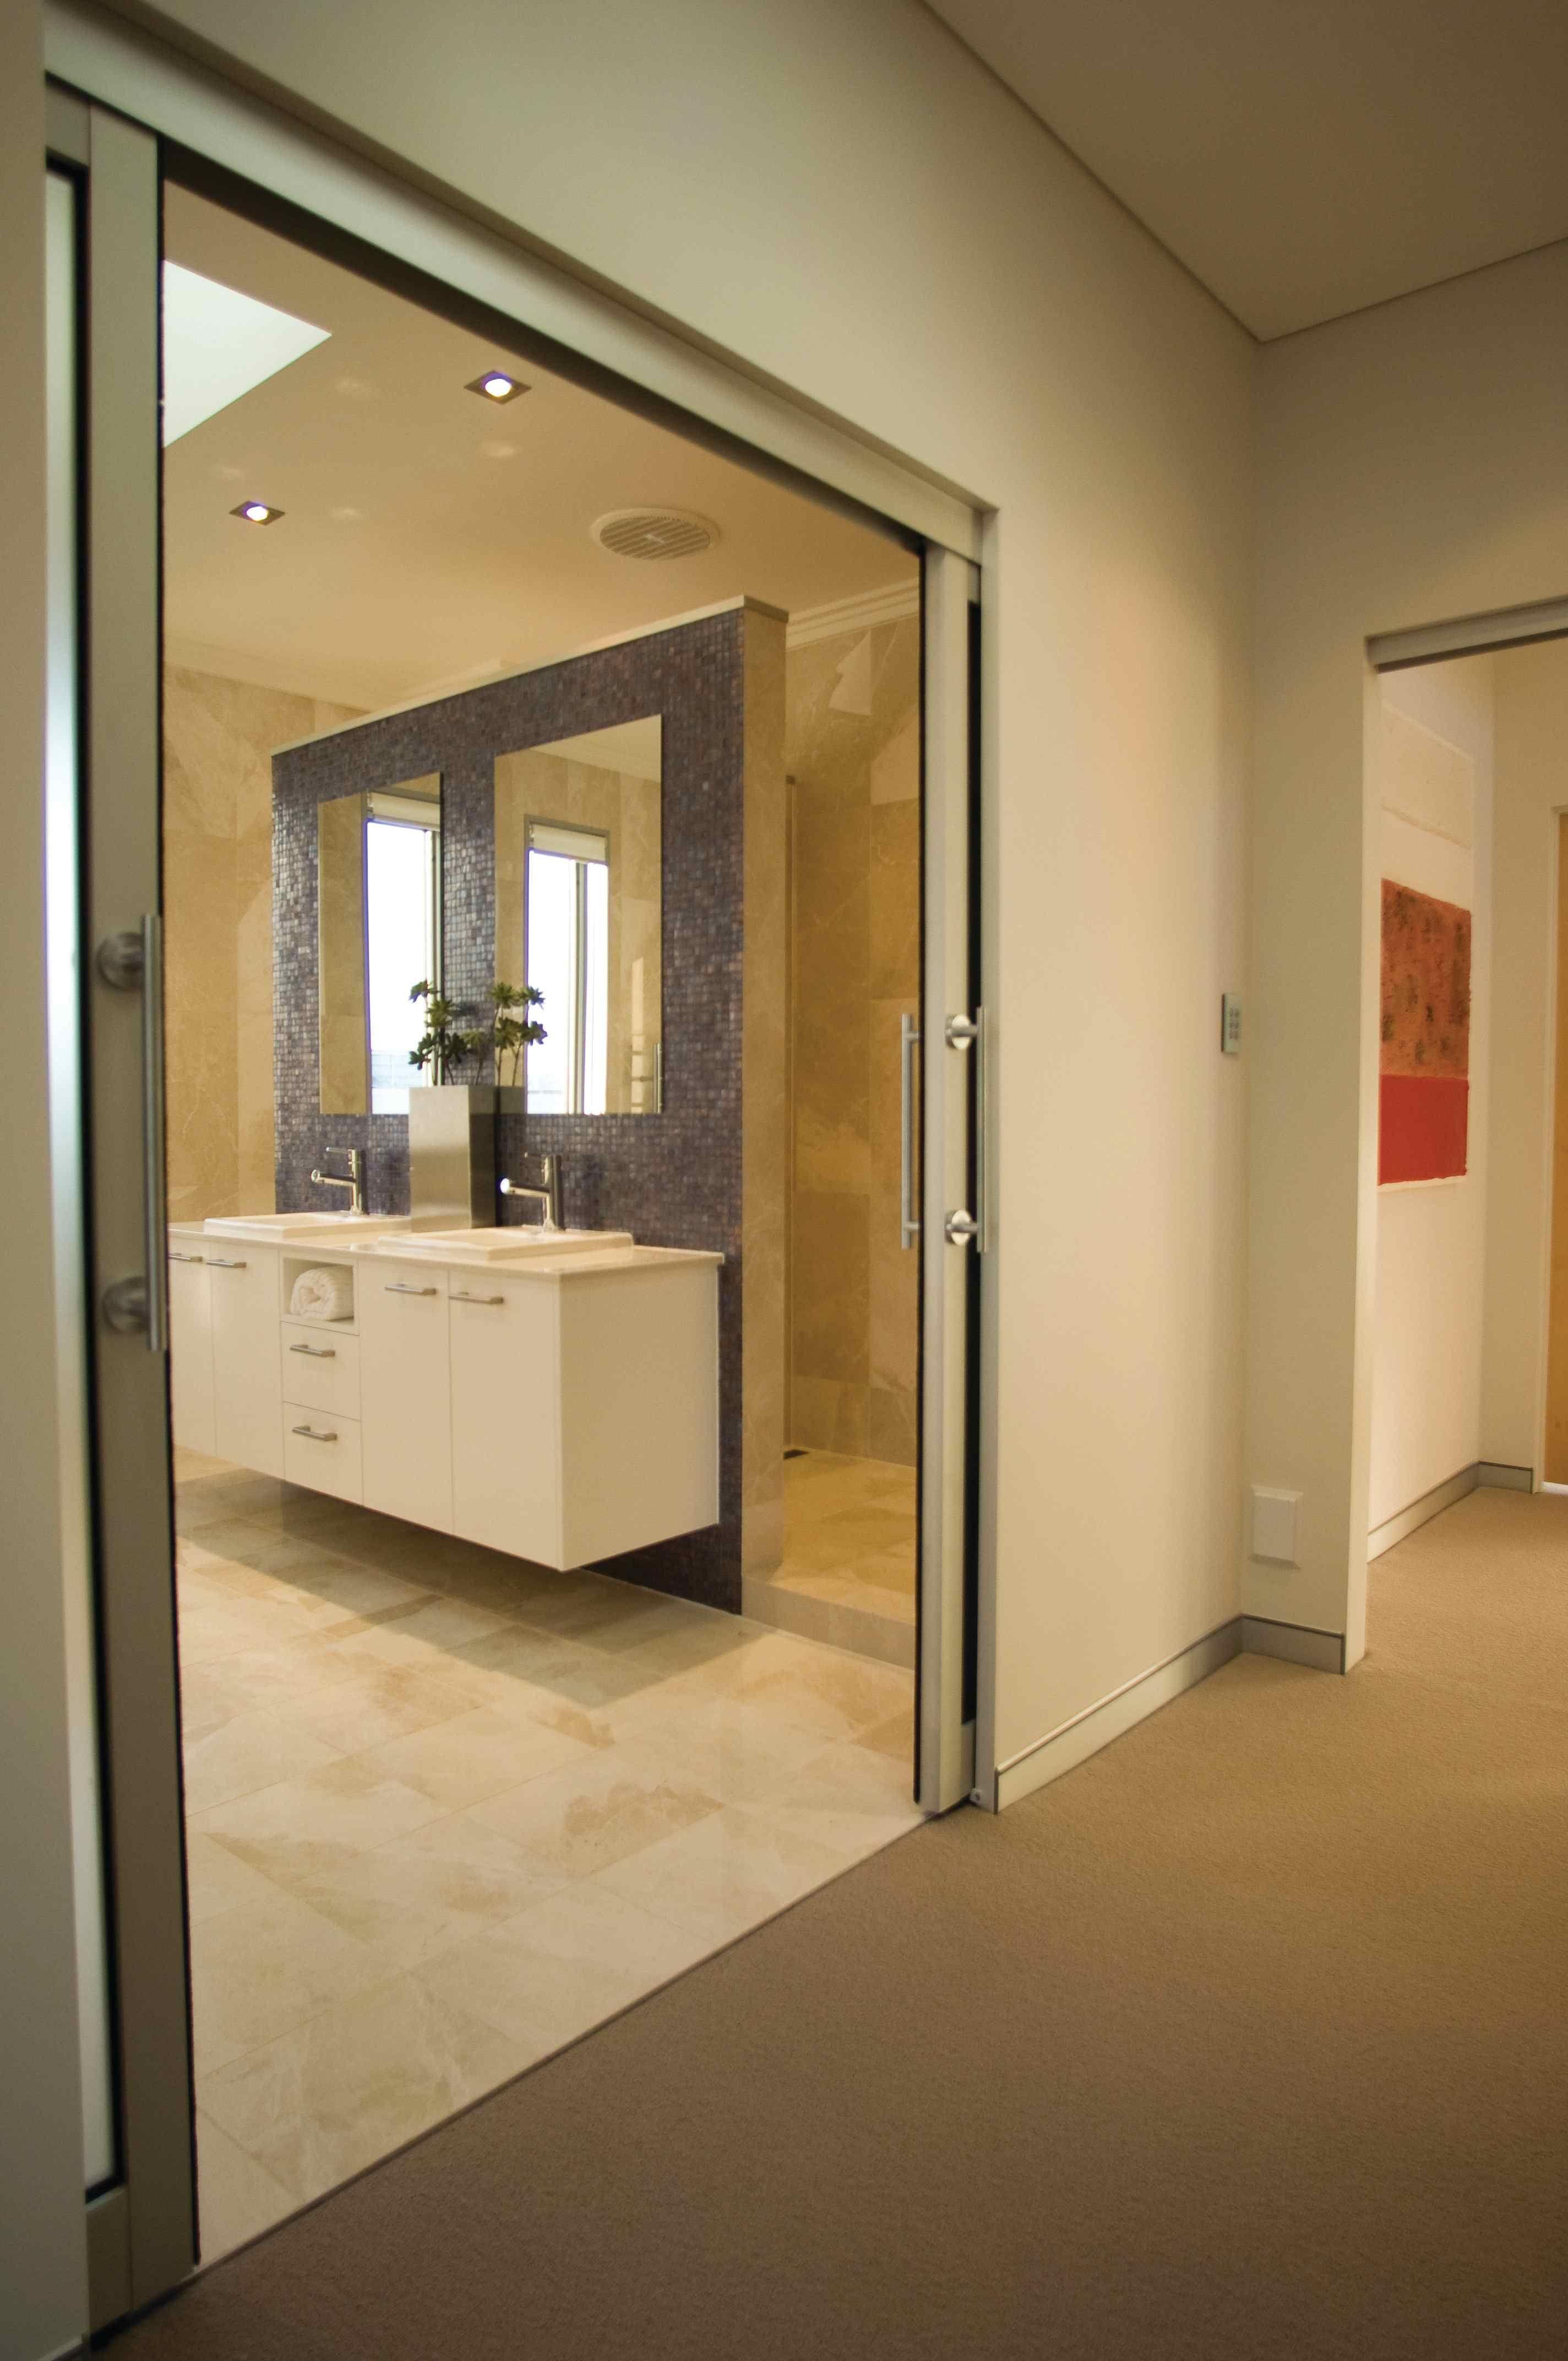 SlideSet Modern Pocket Door Frame System System bathroom